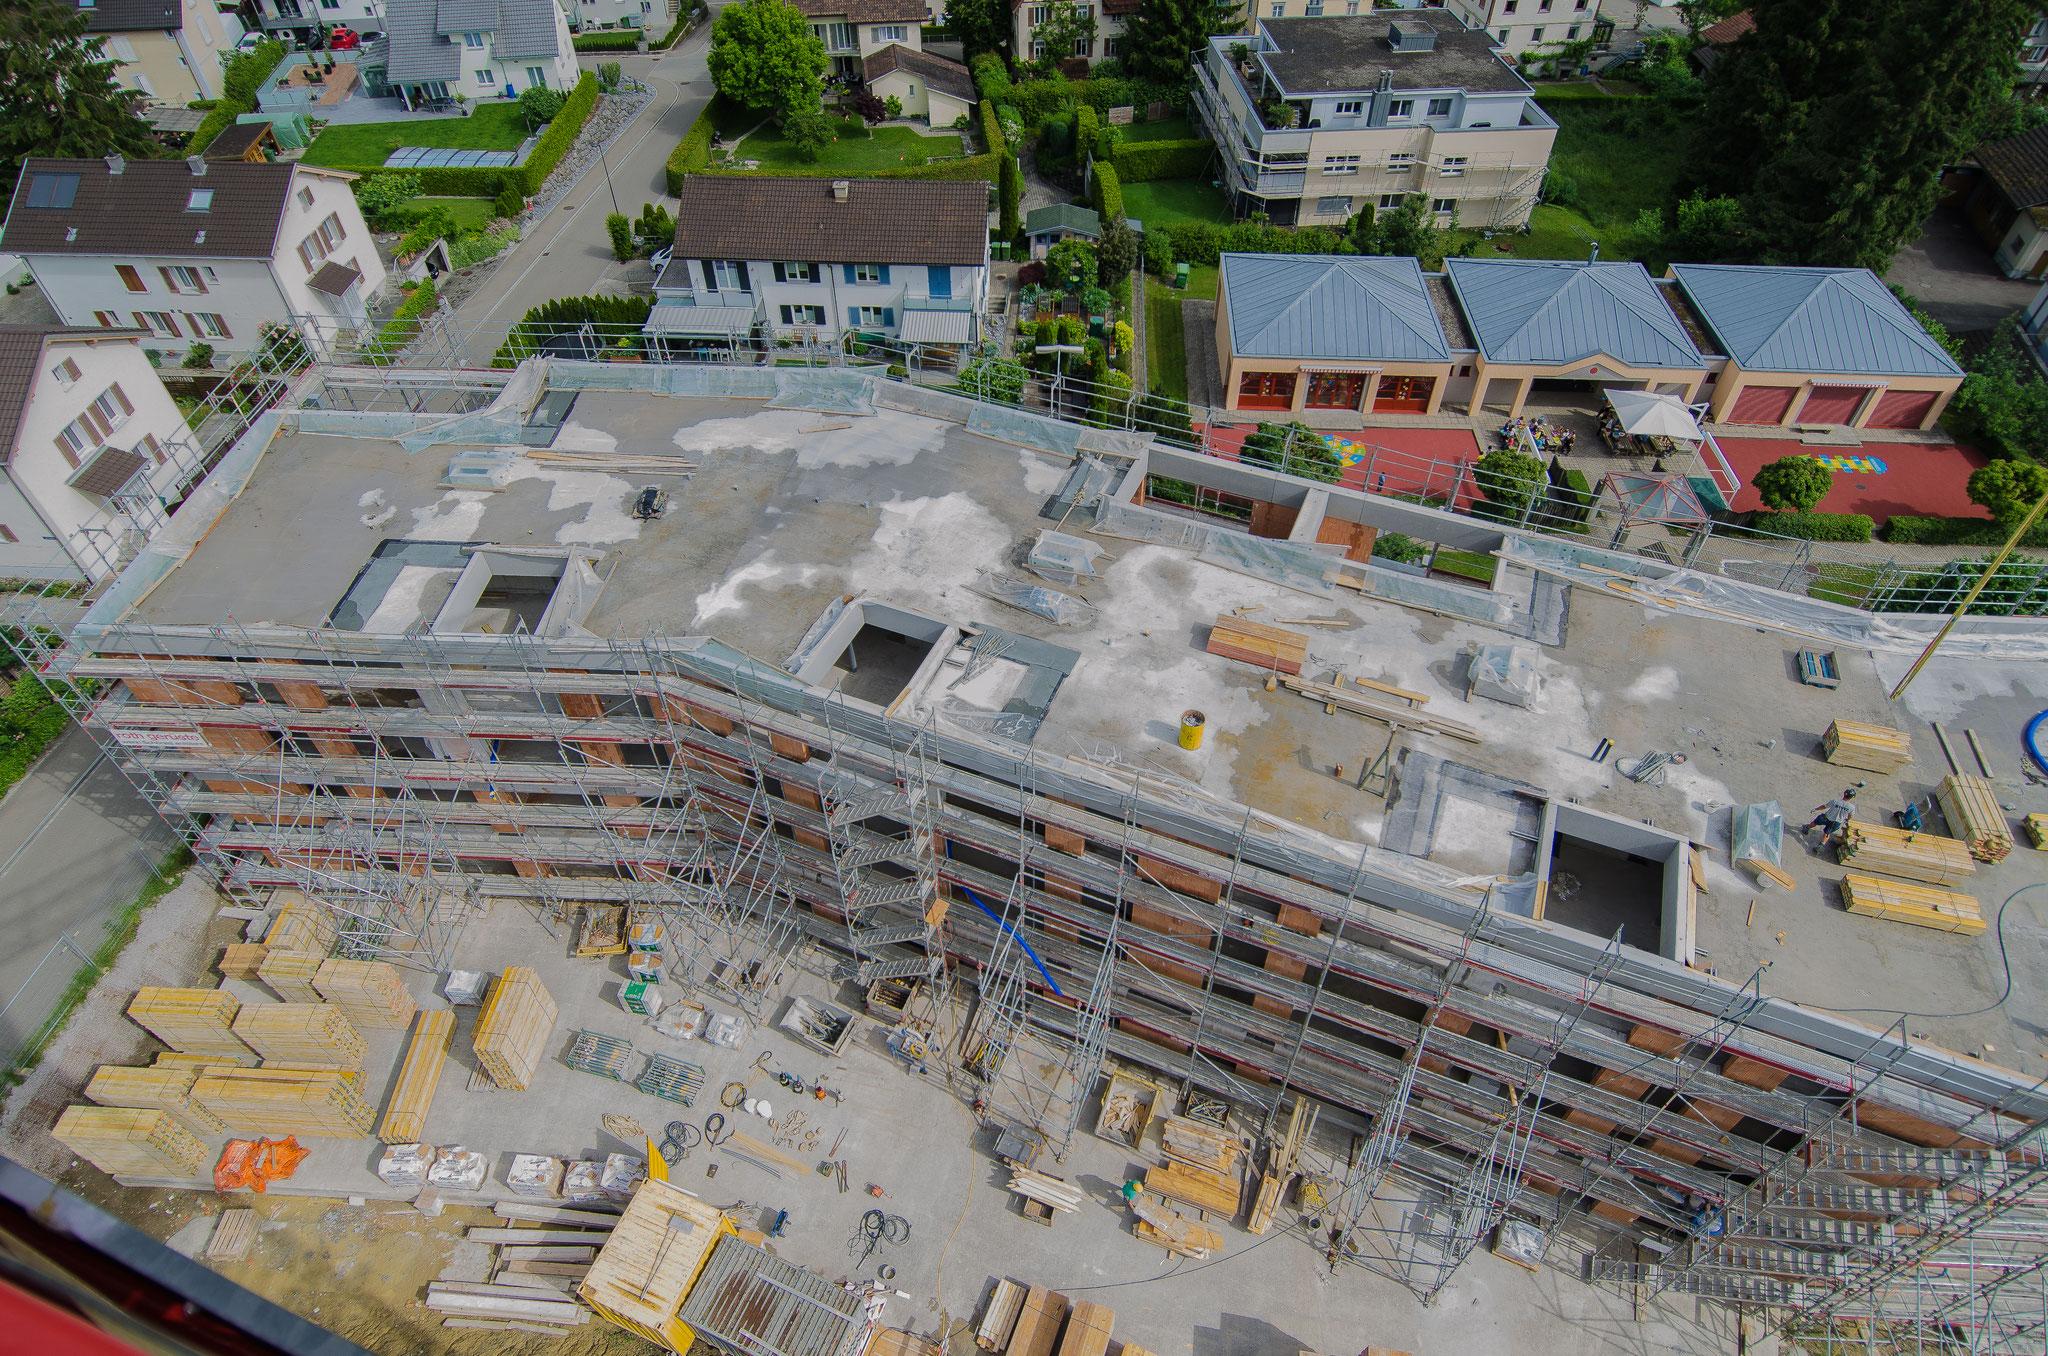 21. Juni 2019: Das Dach ist nun auf der ganzen Fläche betoniert. Schön zu sehen sind die teilgedeckten Loggias auf der Südseite und die offenen auf der Nordseite.